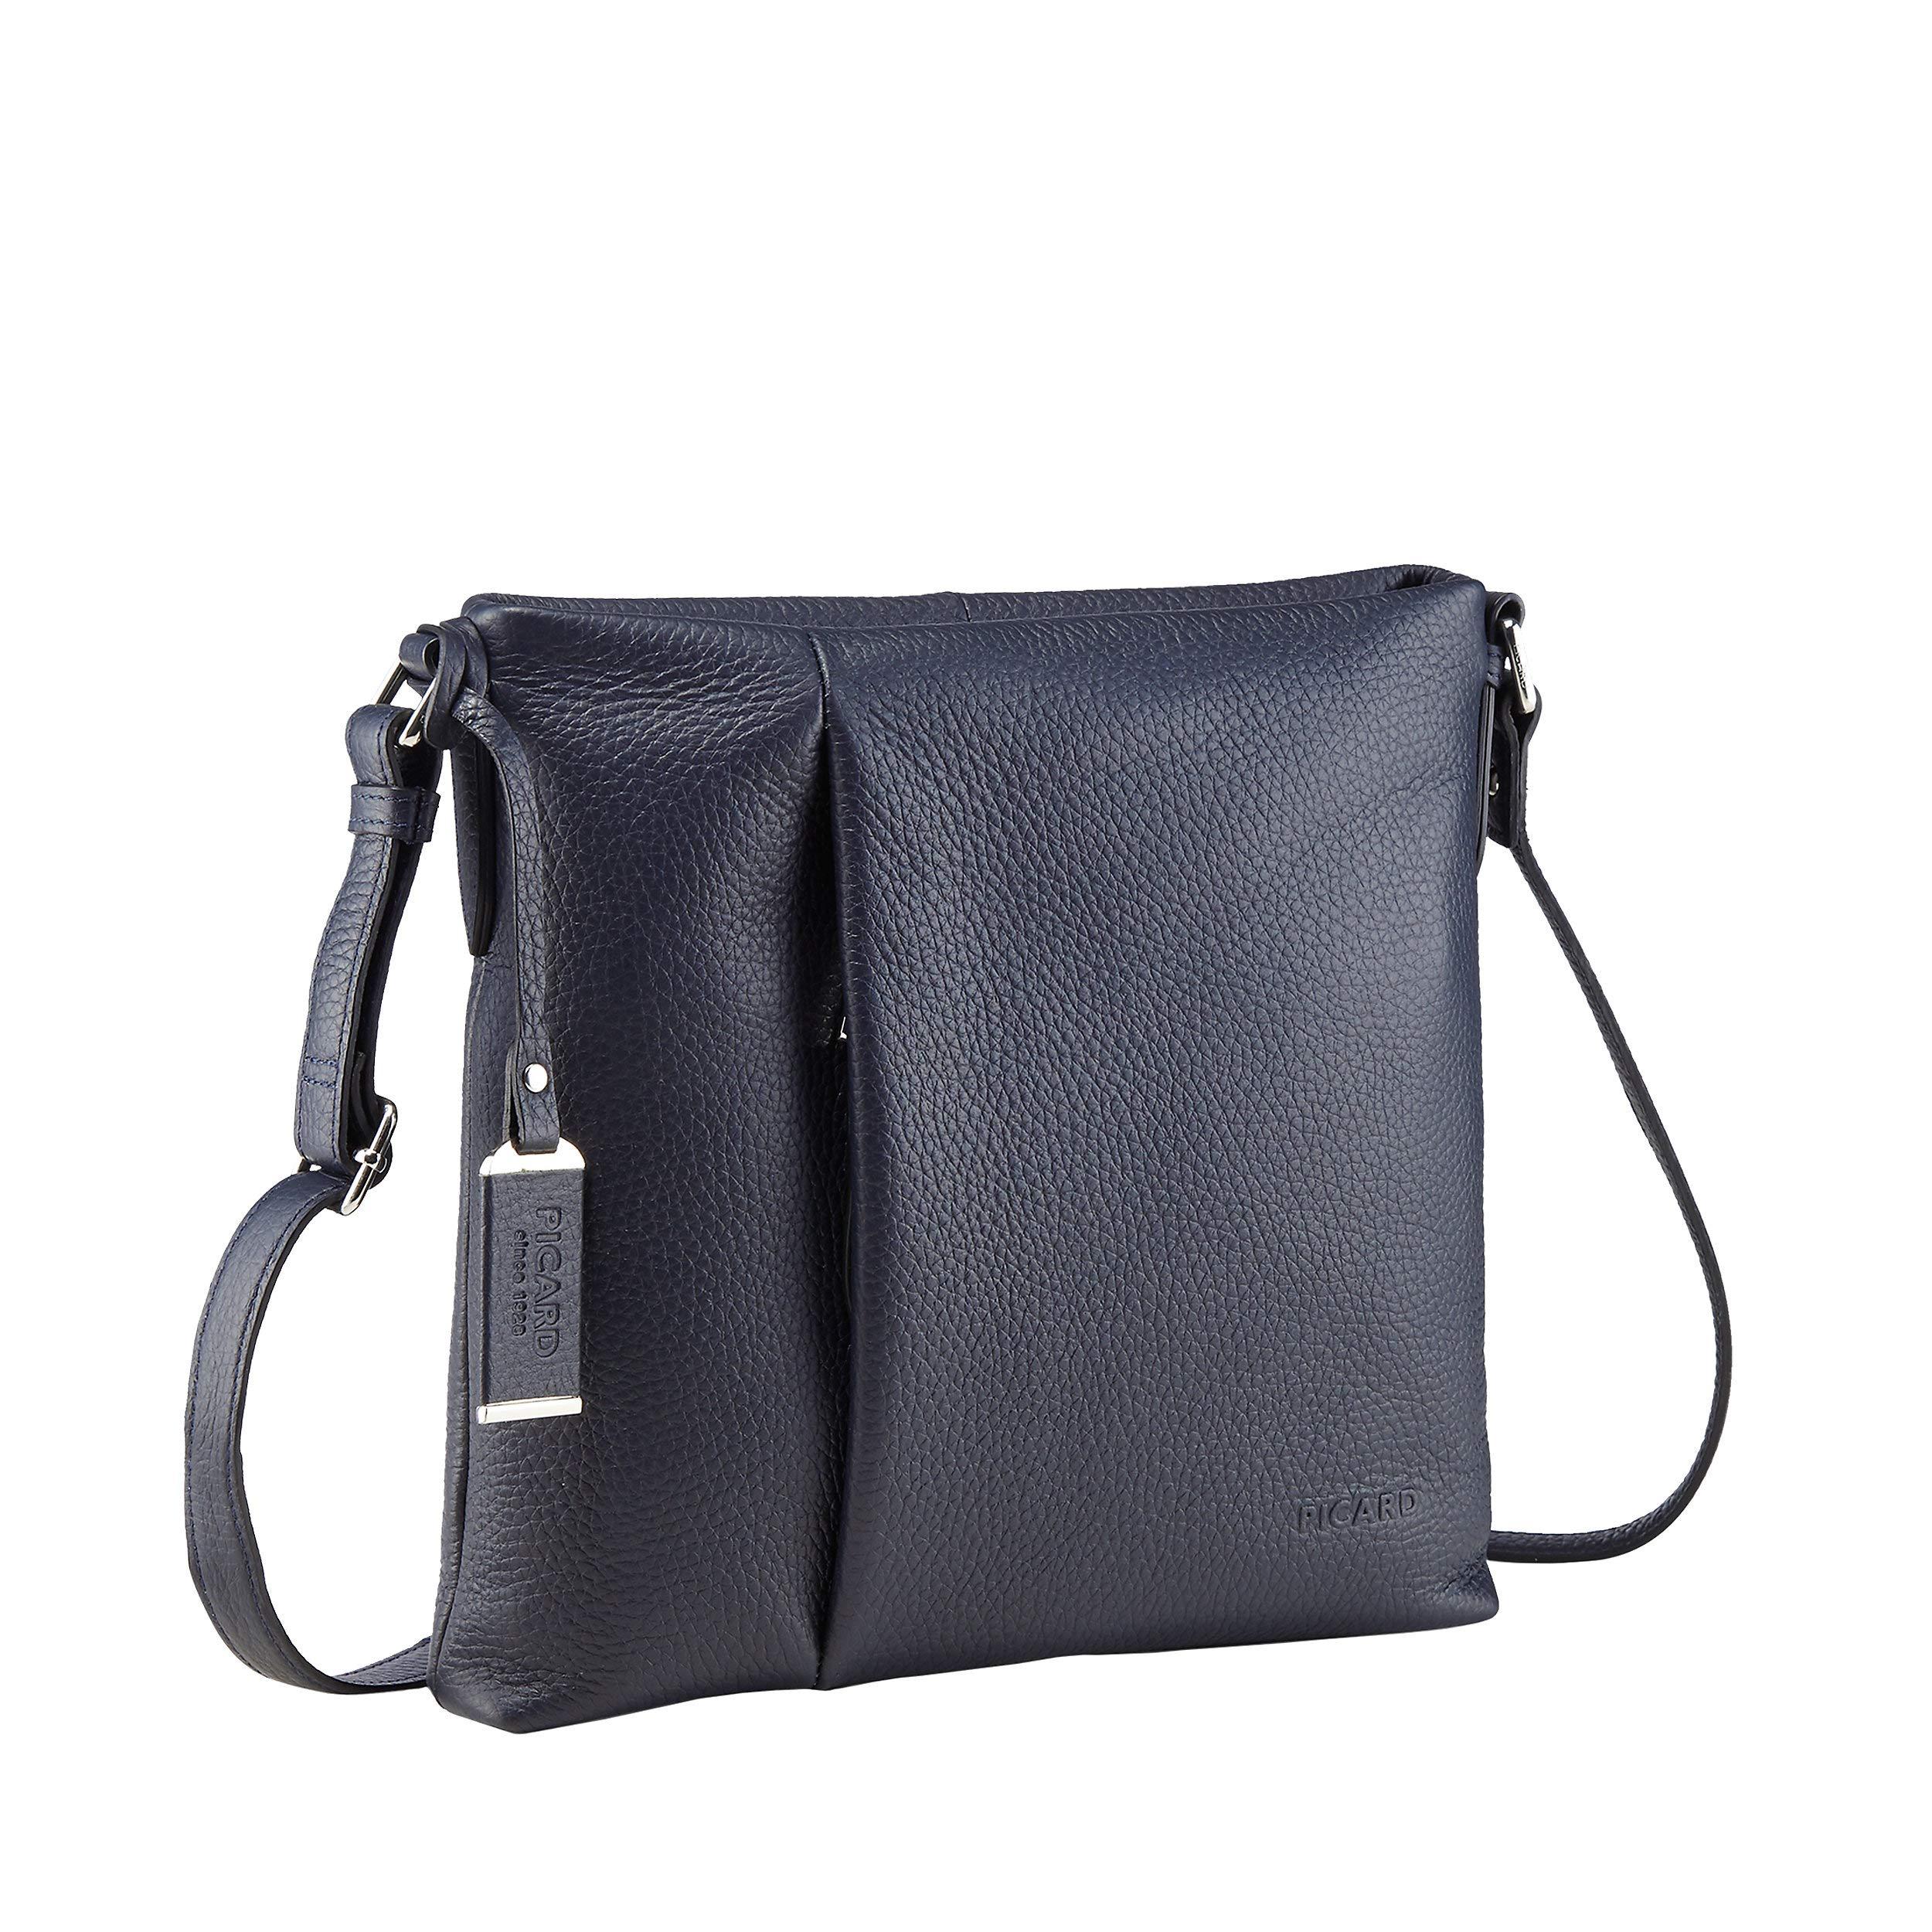 Picard Handtaschen Taschen 9426 ozean Blau PMsUr